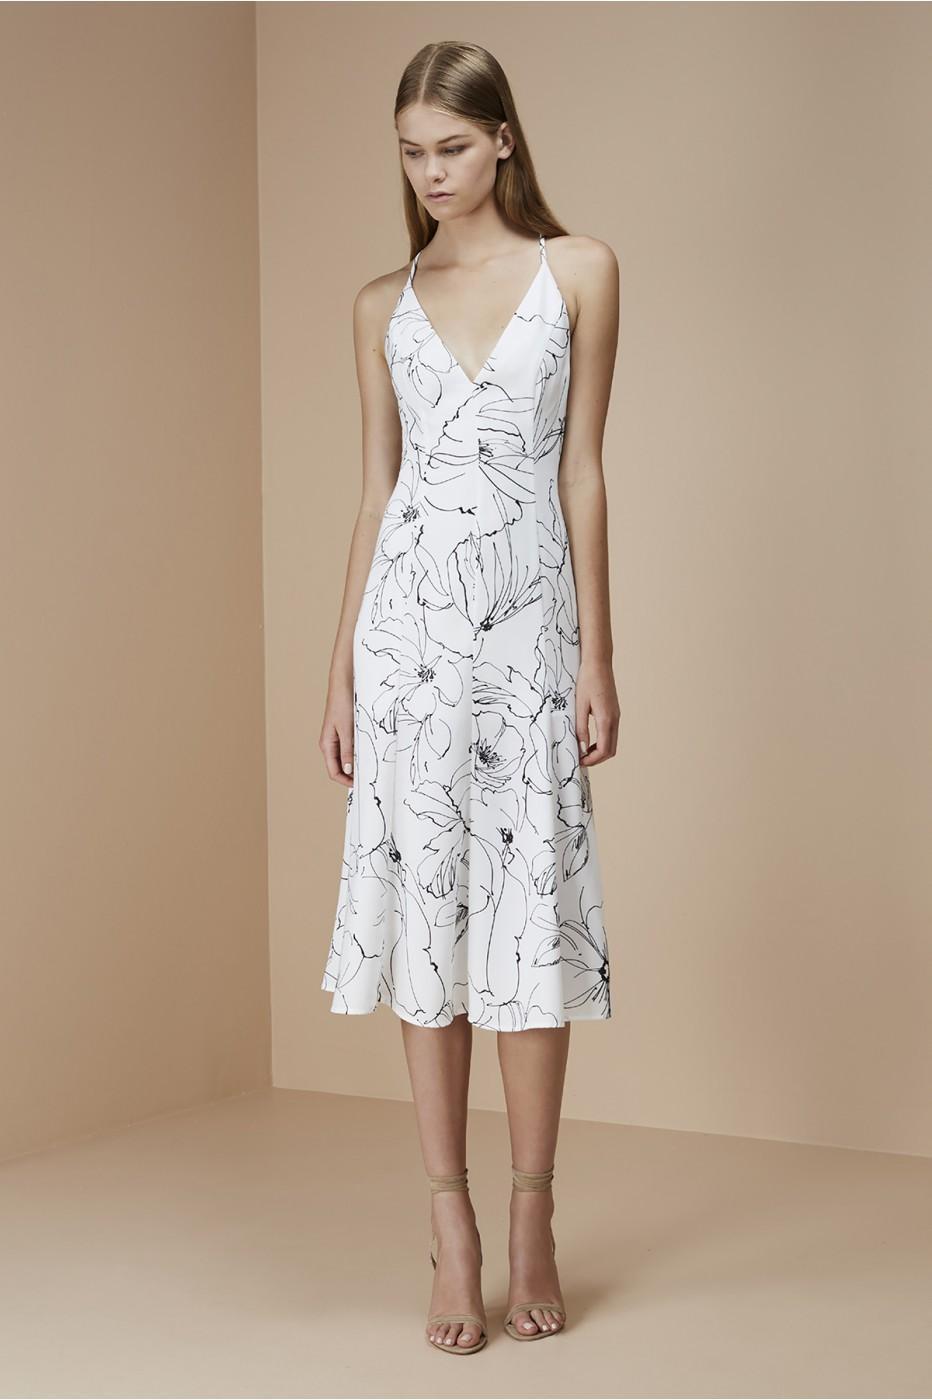 Lyst - Keepsake Heat Wave Dress in White 84224e71c